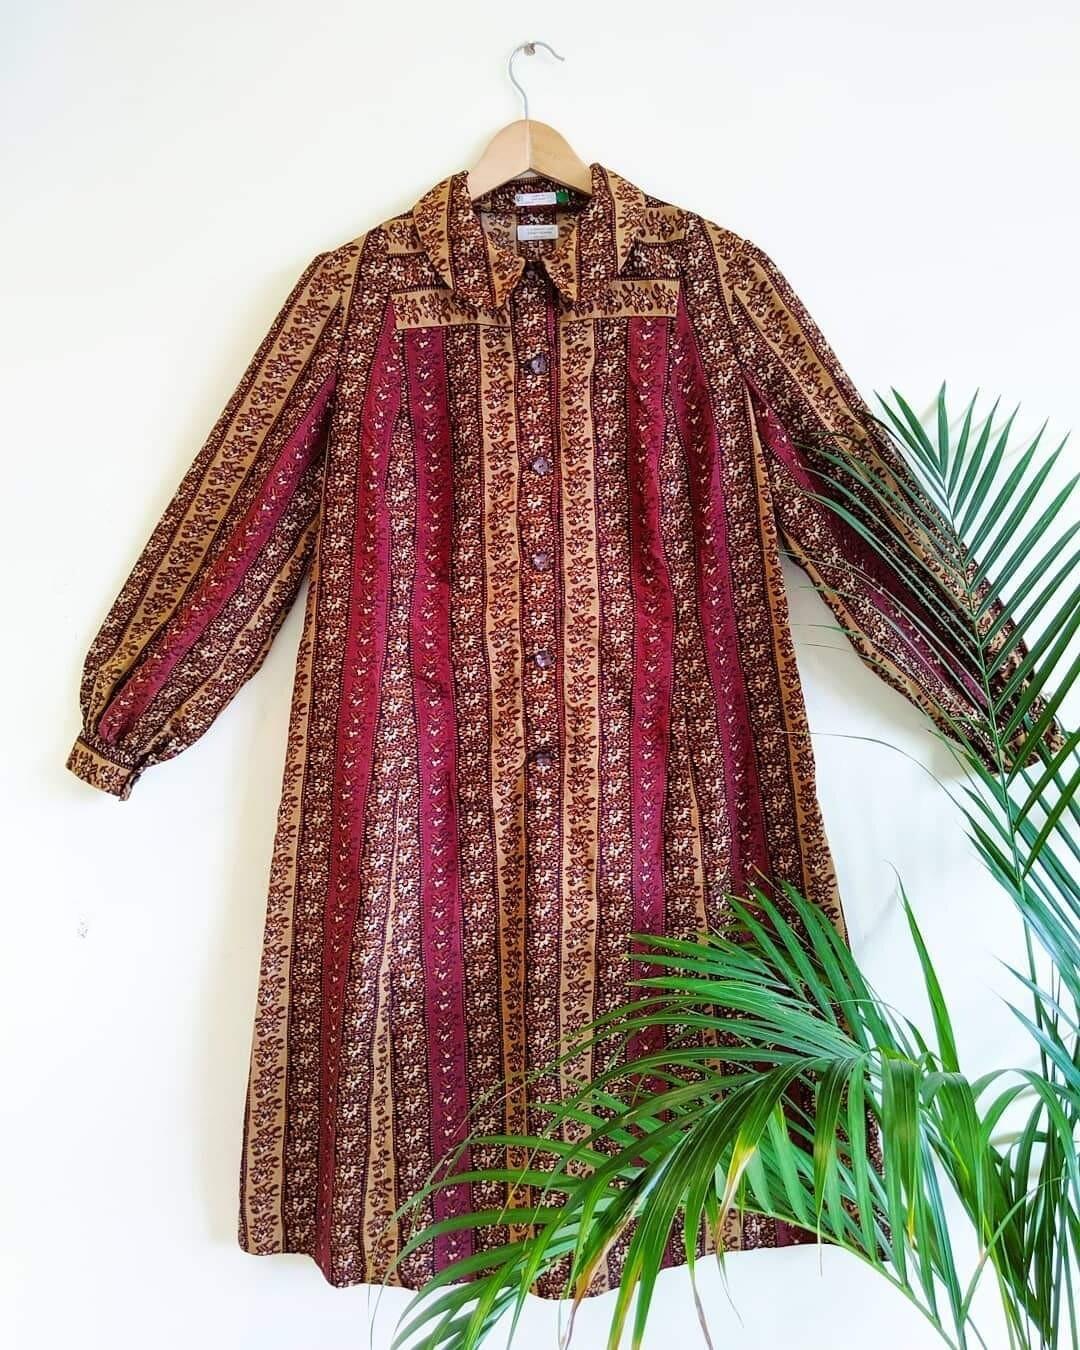 VINTAGE 1970S BROWN FLORAL DRESS